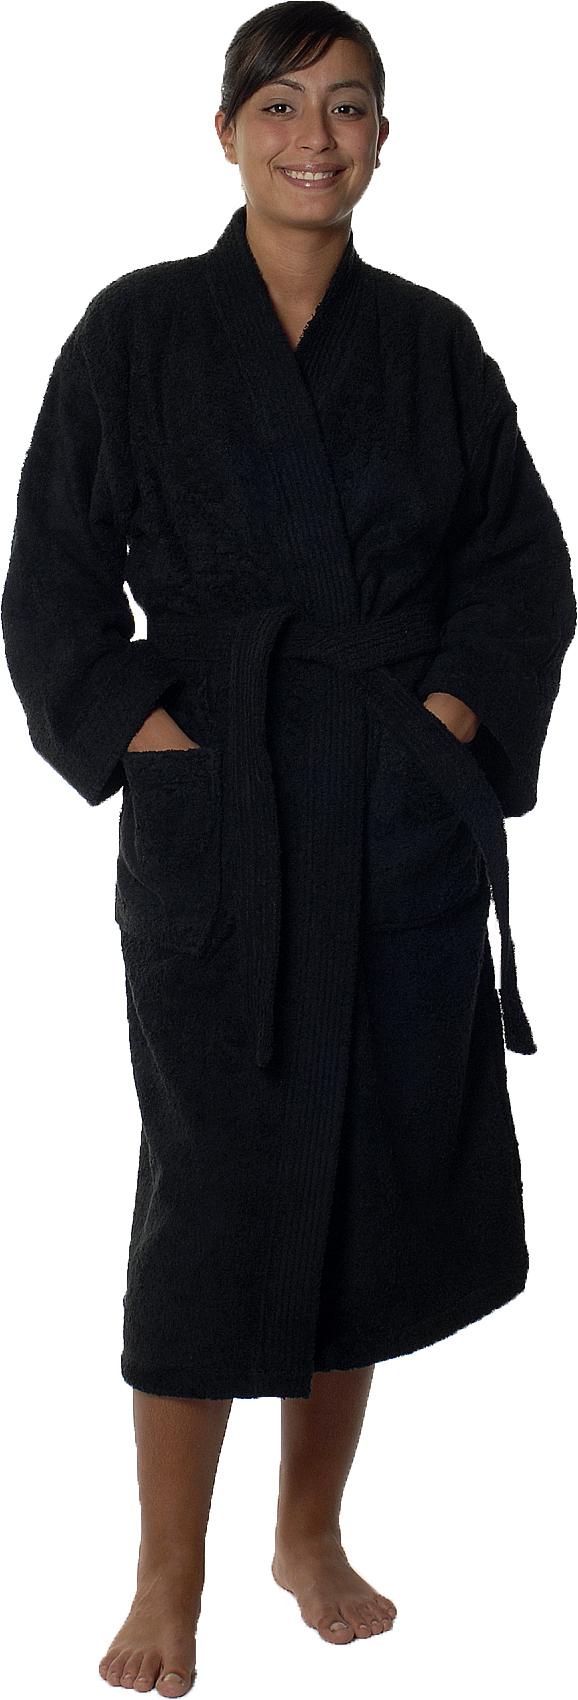 Peignoir col kimono en Coton couleur Noir Taille L (Noir)